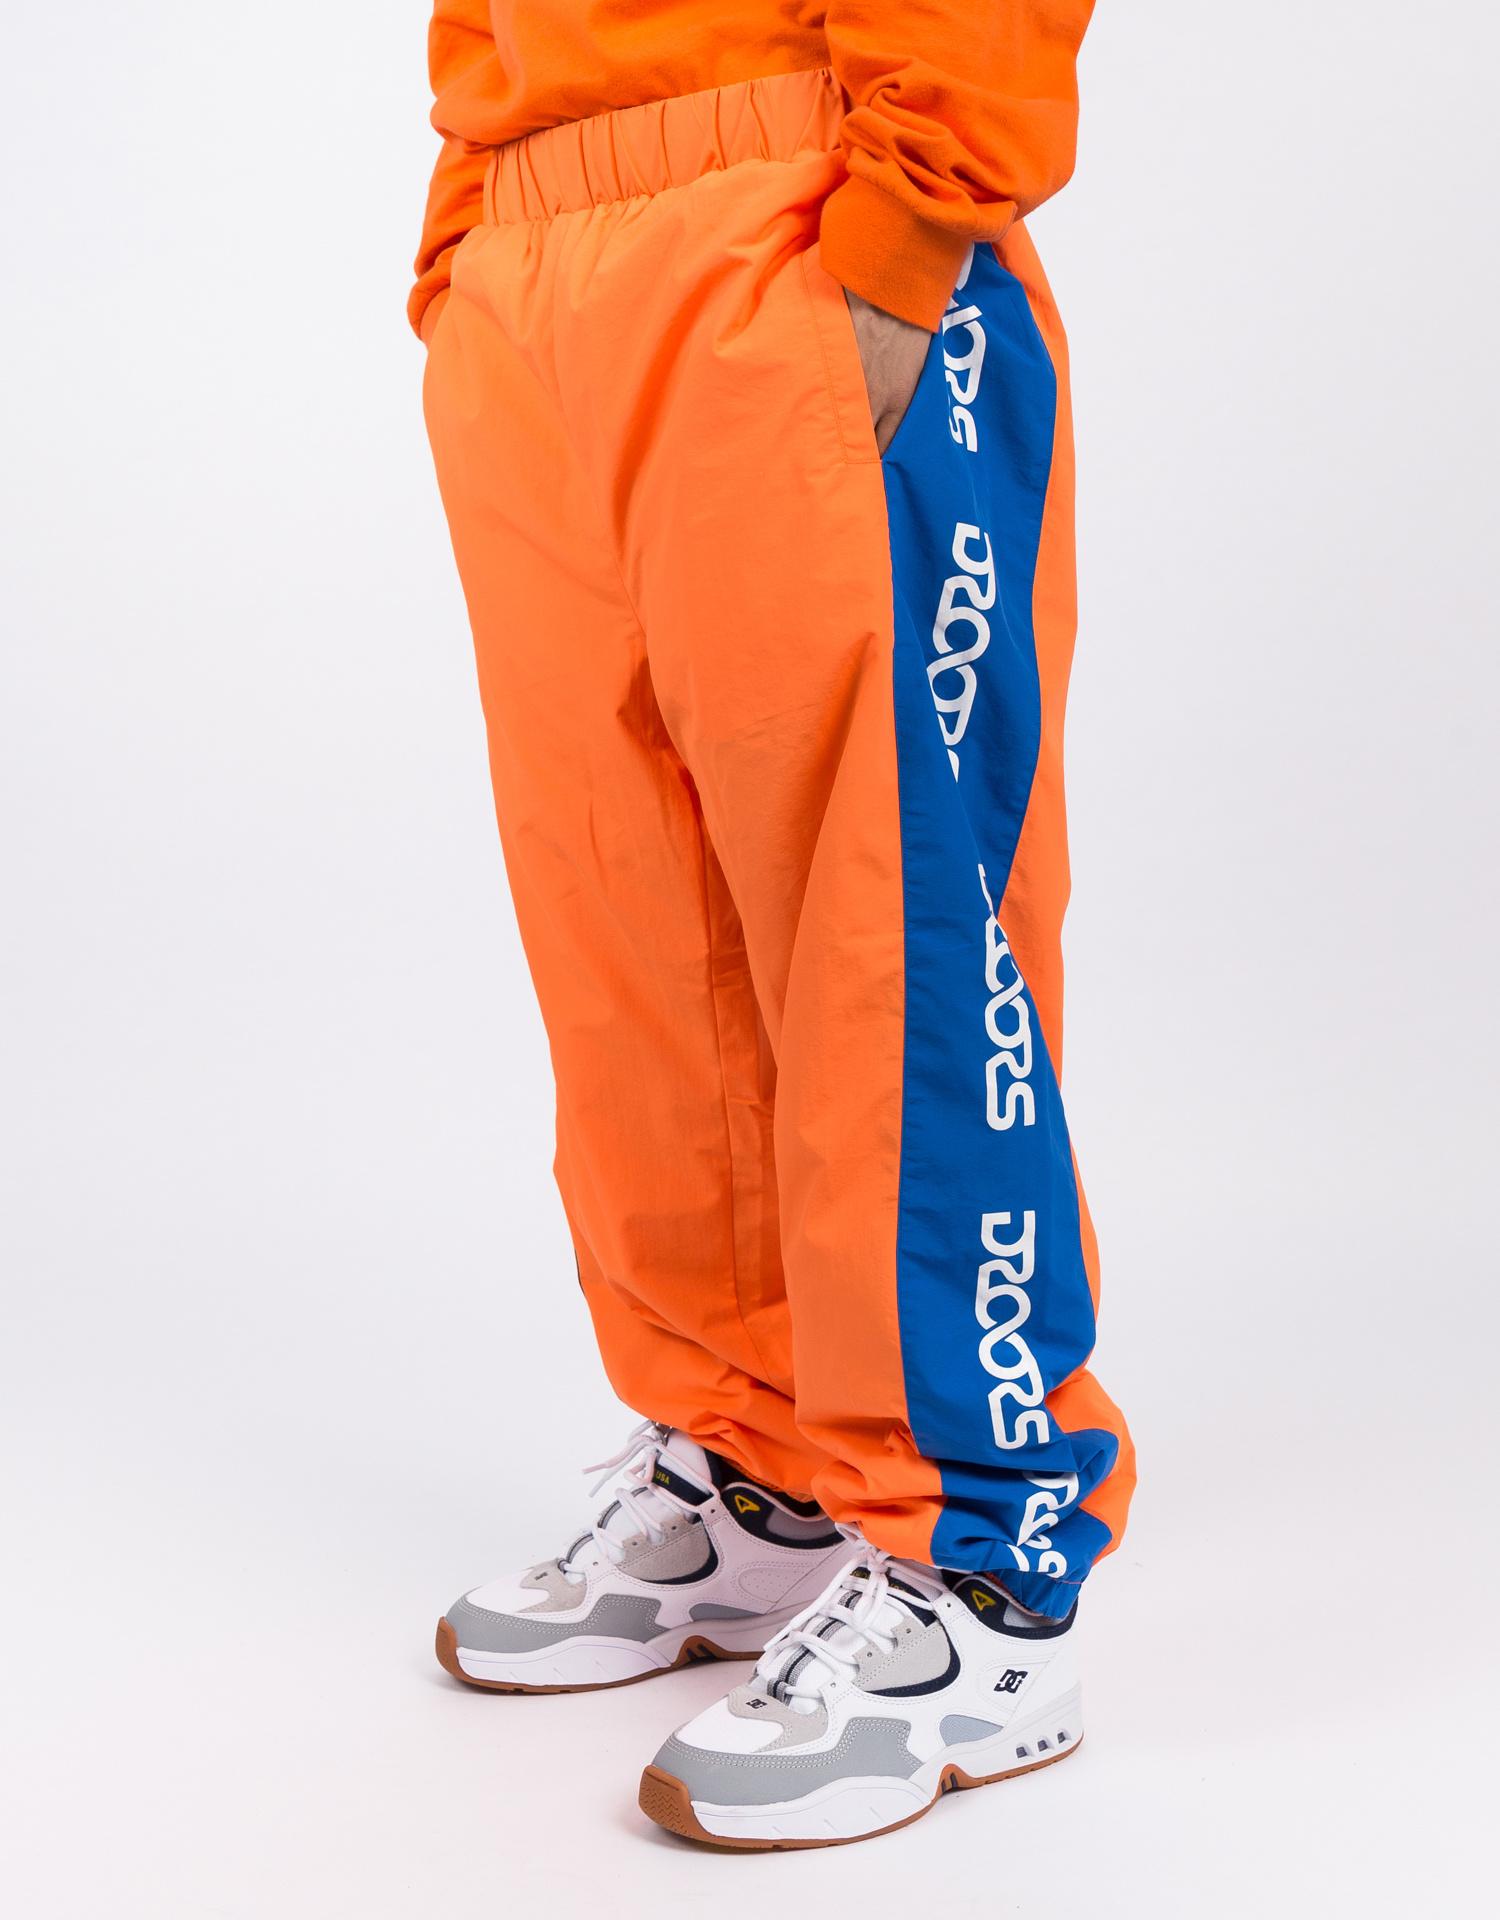 Droors Ocelot Pants Bright Orange/Navy